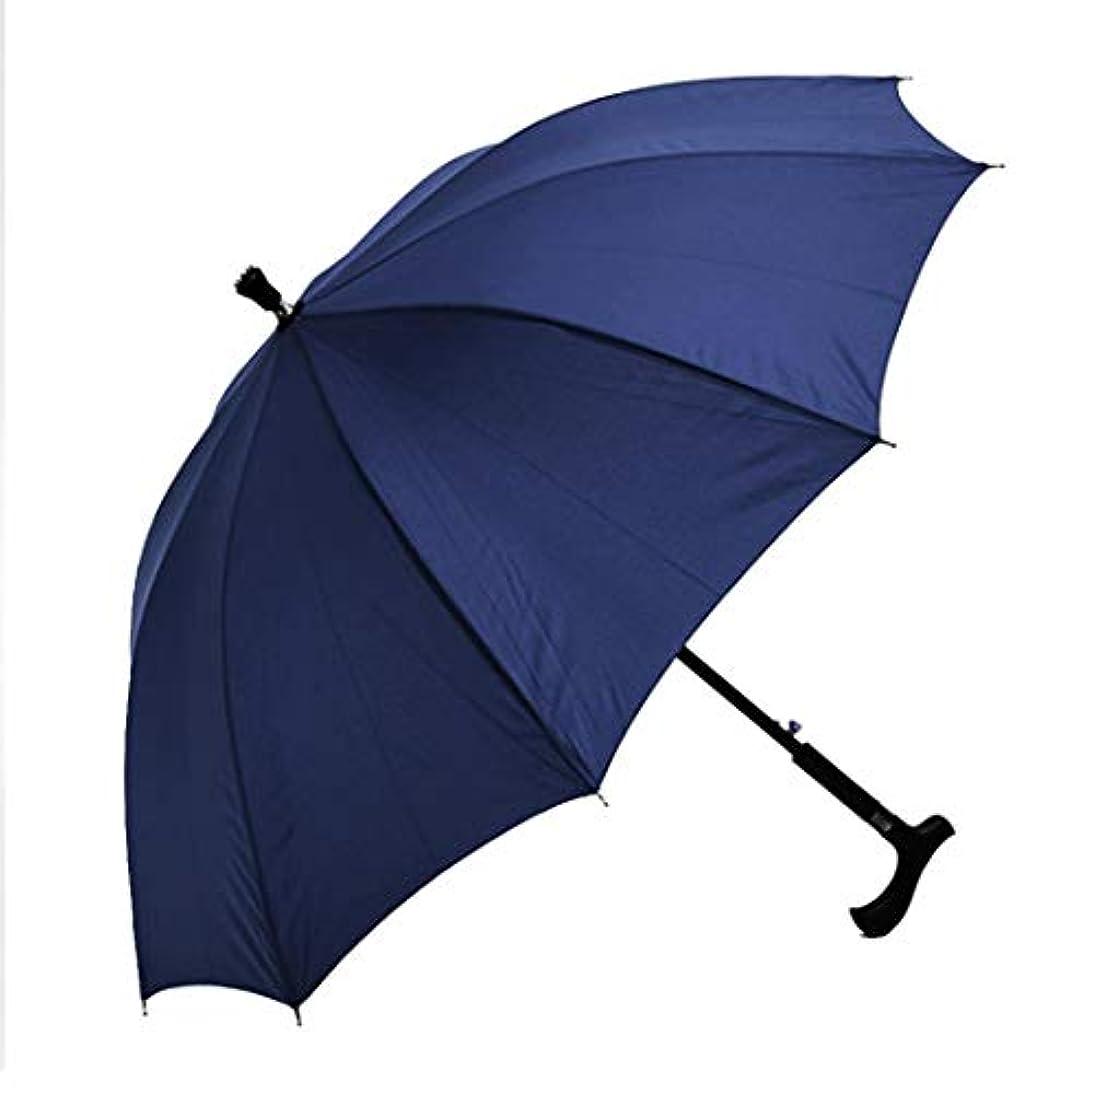 会計侵略たくさんのcomentrisyz 2-in-1 クライミング ハイキング スティック 松葉杖 防風雨 サン 傘 - ブルー